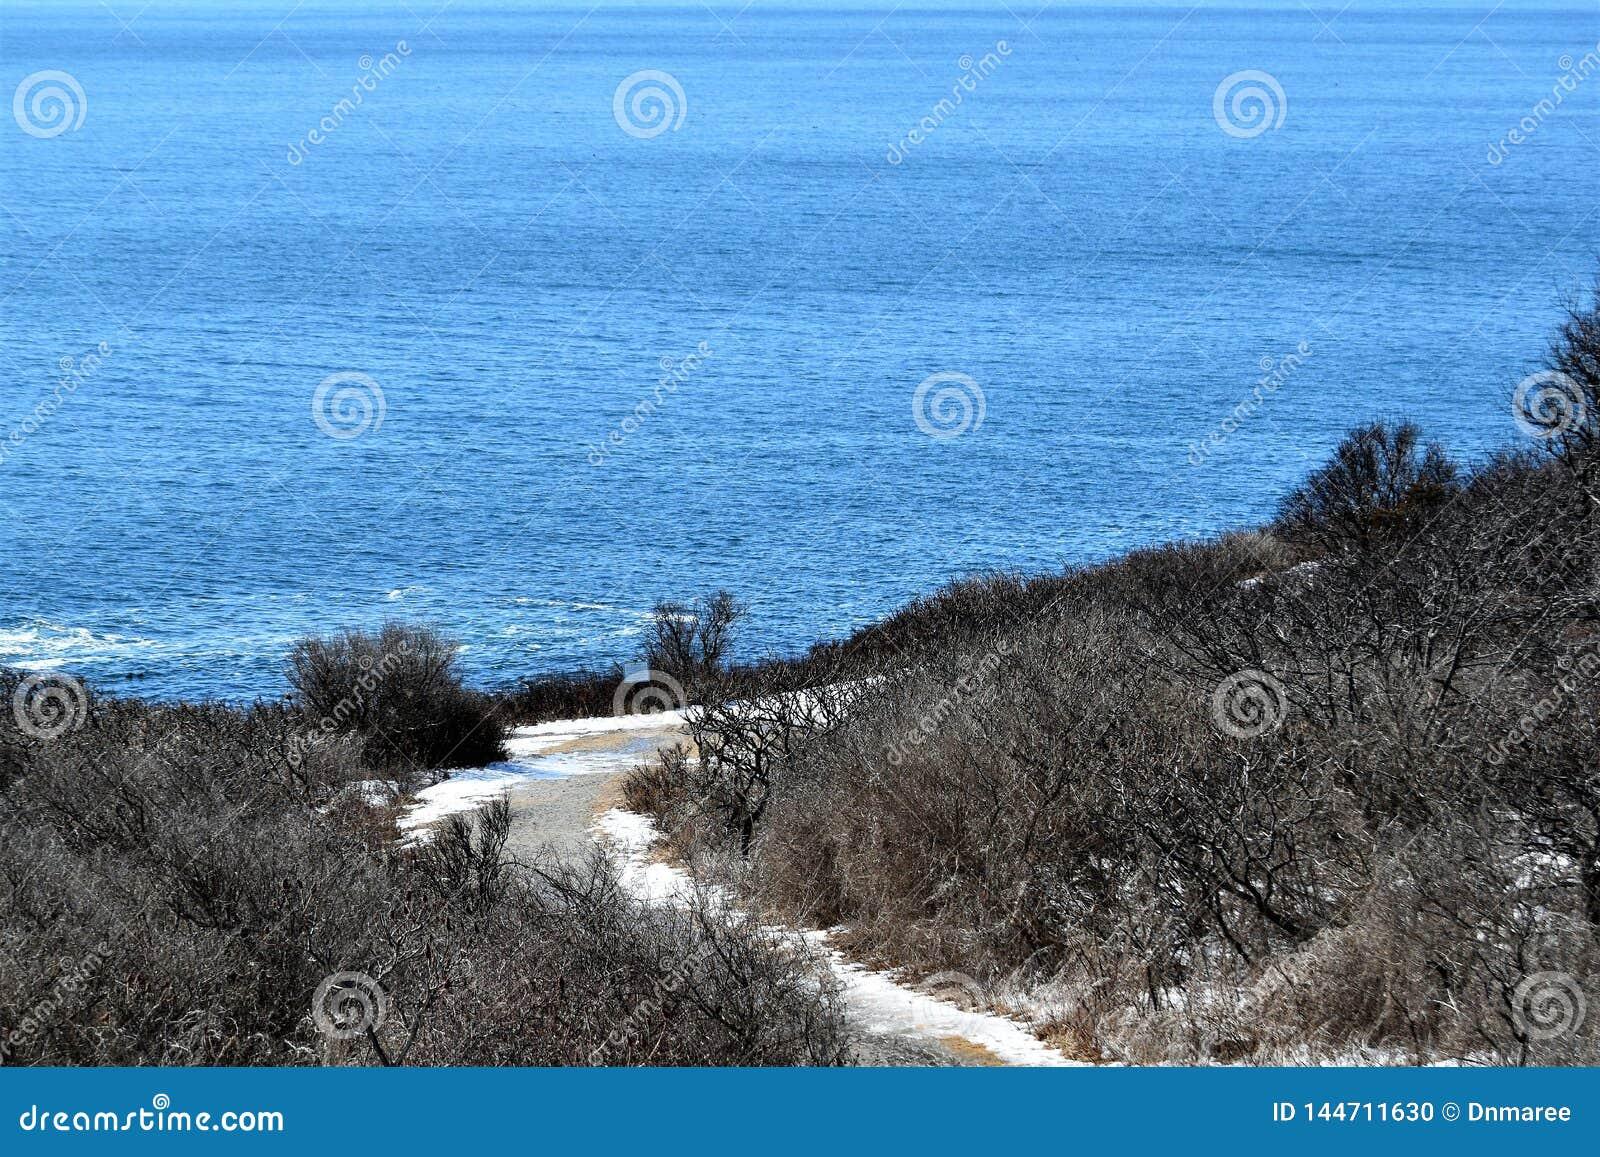 两光国家公园和周围的海景在海角伊丽莎白,坎伯兰县,缅因,我,美国,美国,新英格兰